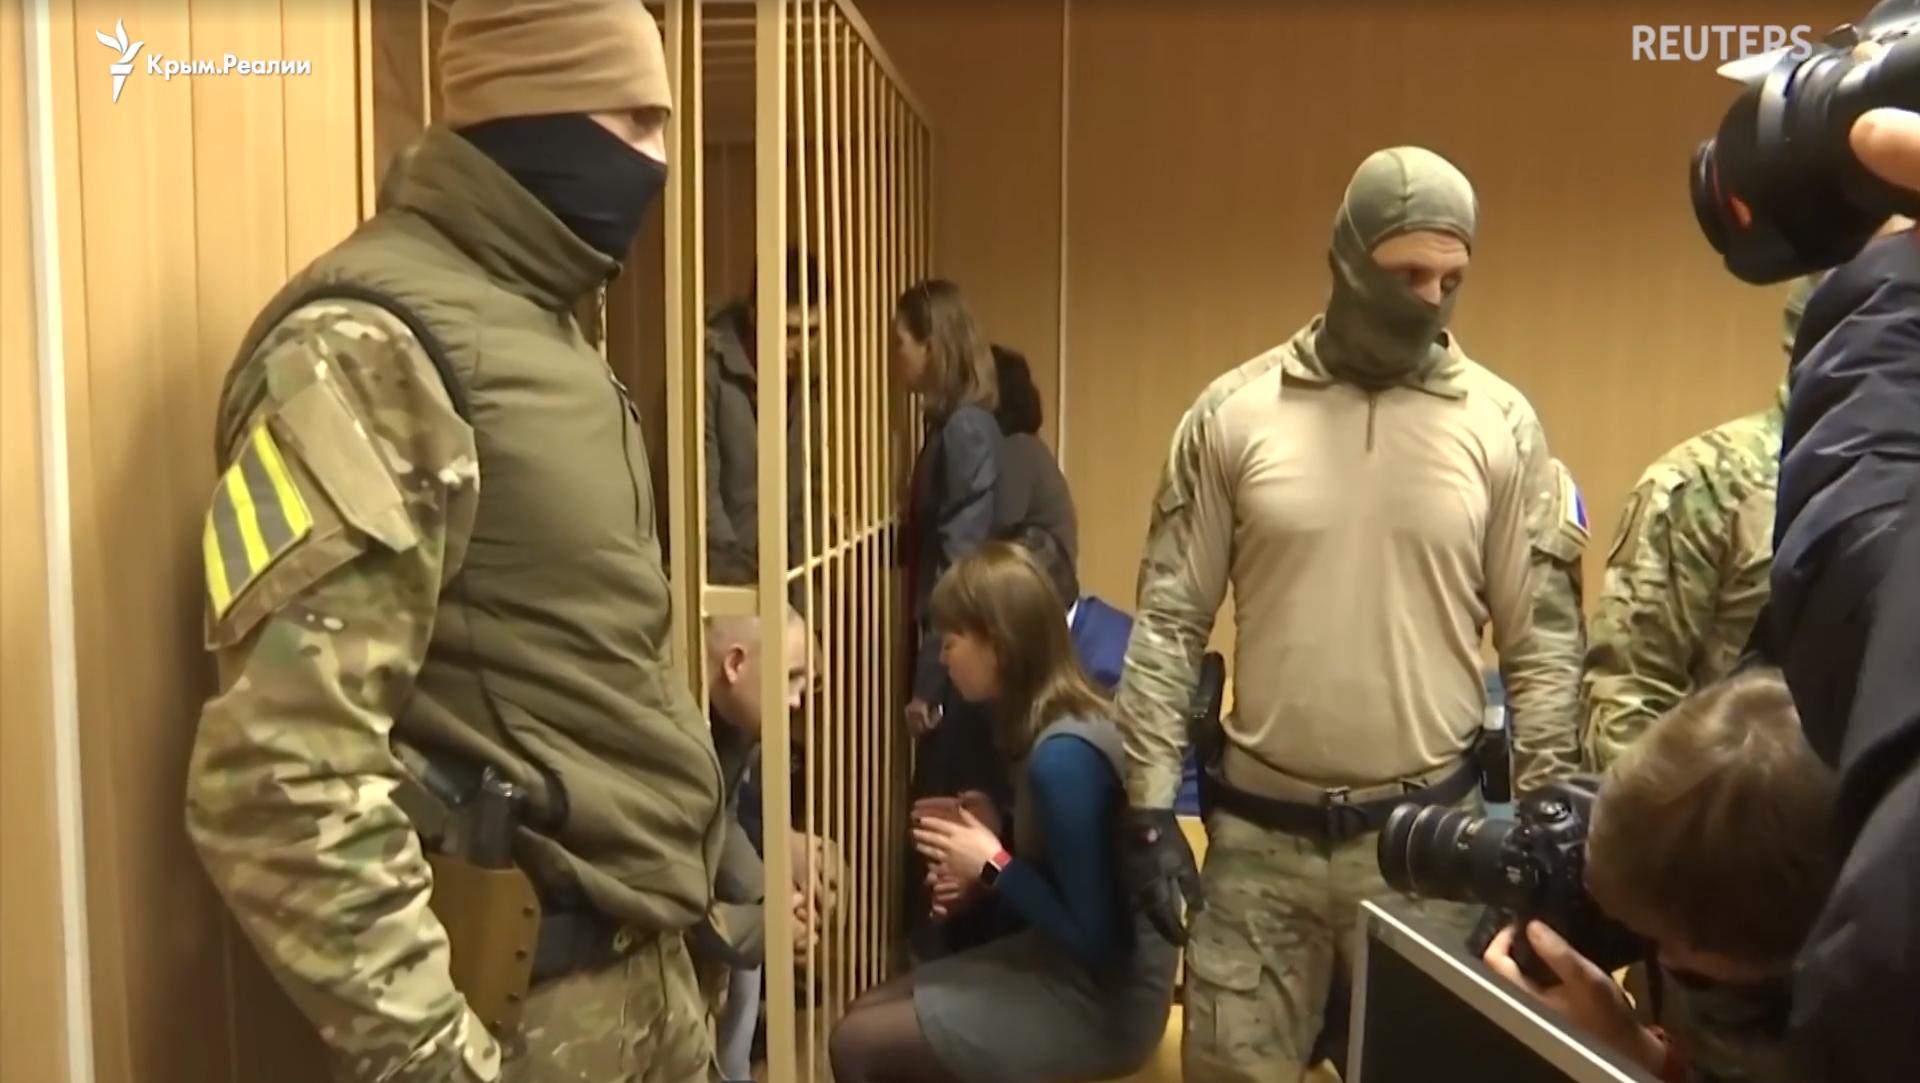 Адвокат сообщил важные новости о пленных моряках ВМС Украины в Москве: все решится уже через пару дней